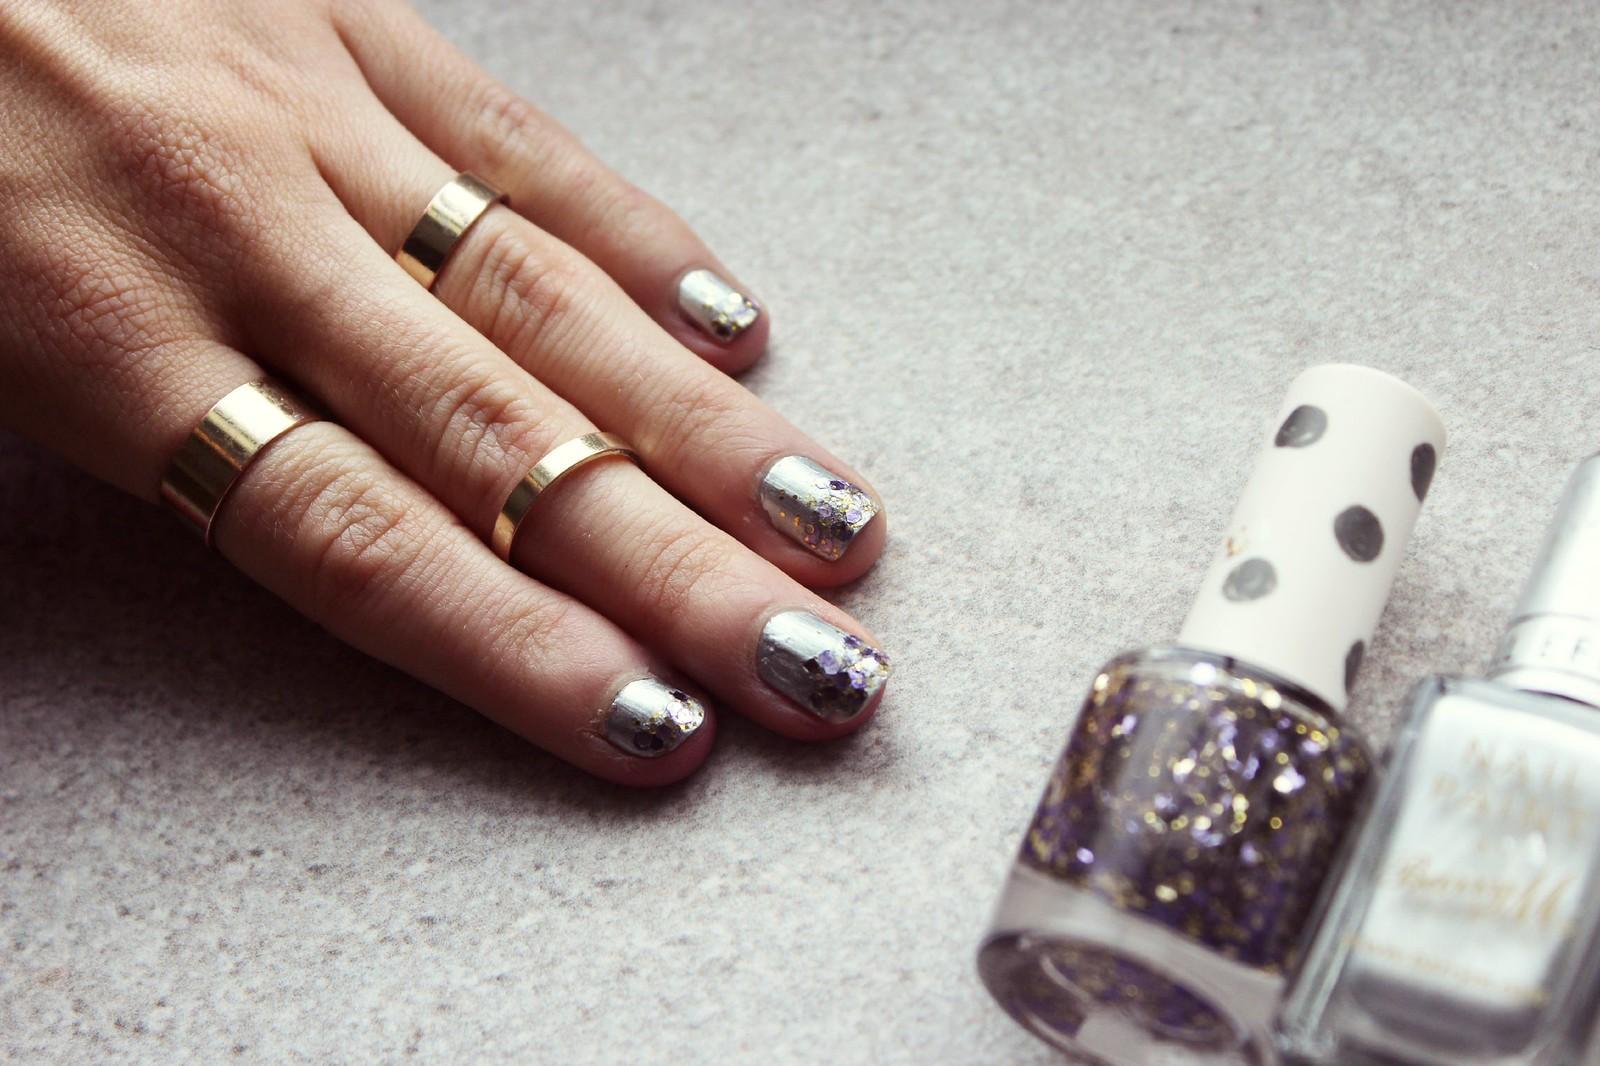 Glitter tip nails 1